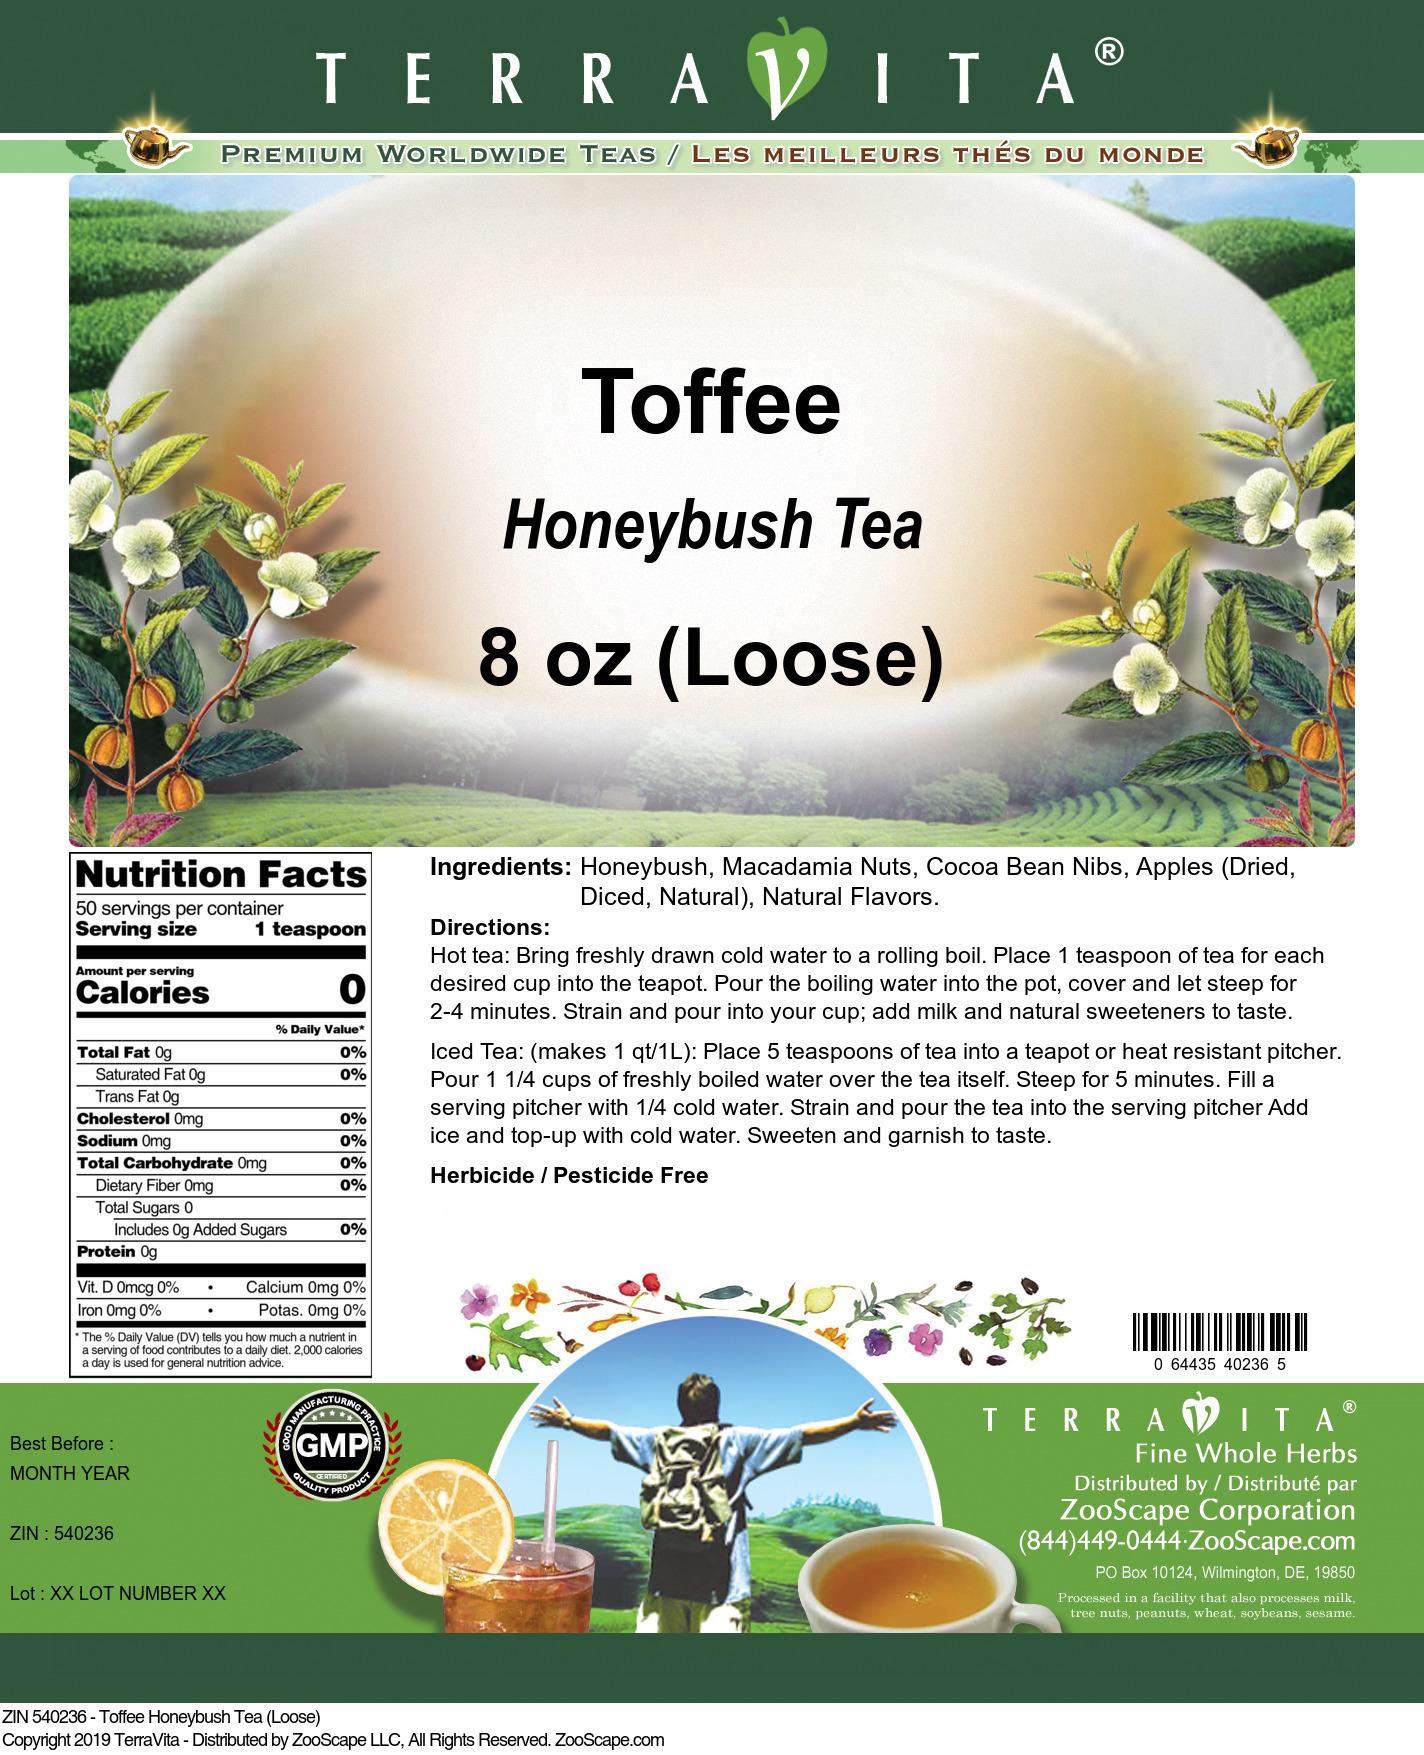 Toffee Honeybush Tea (Loose)